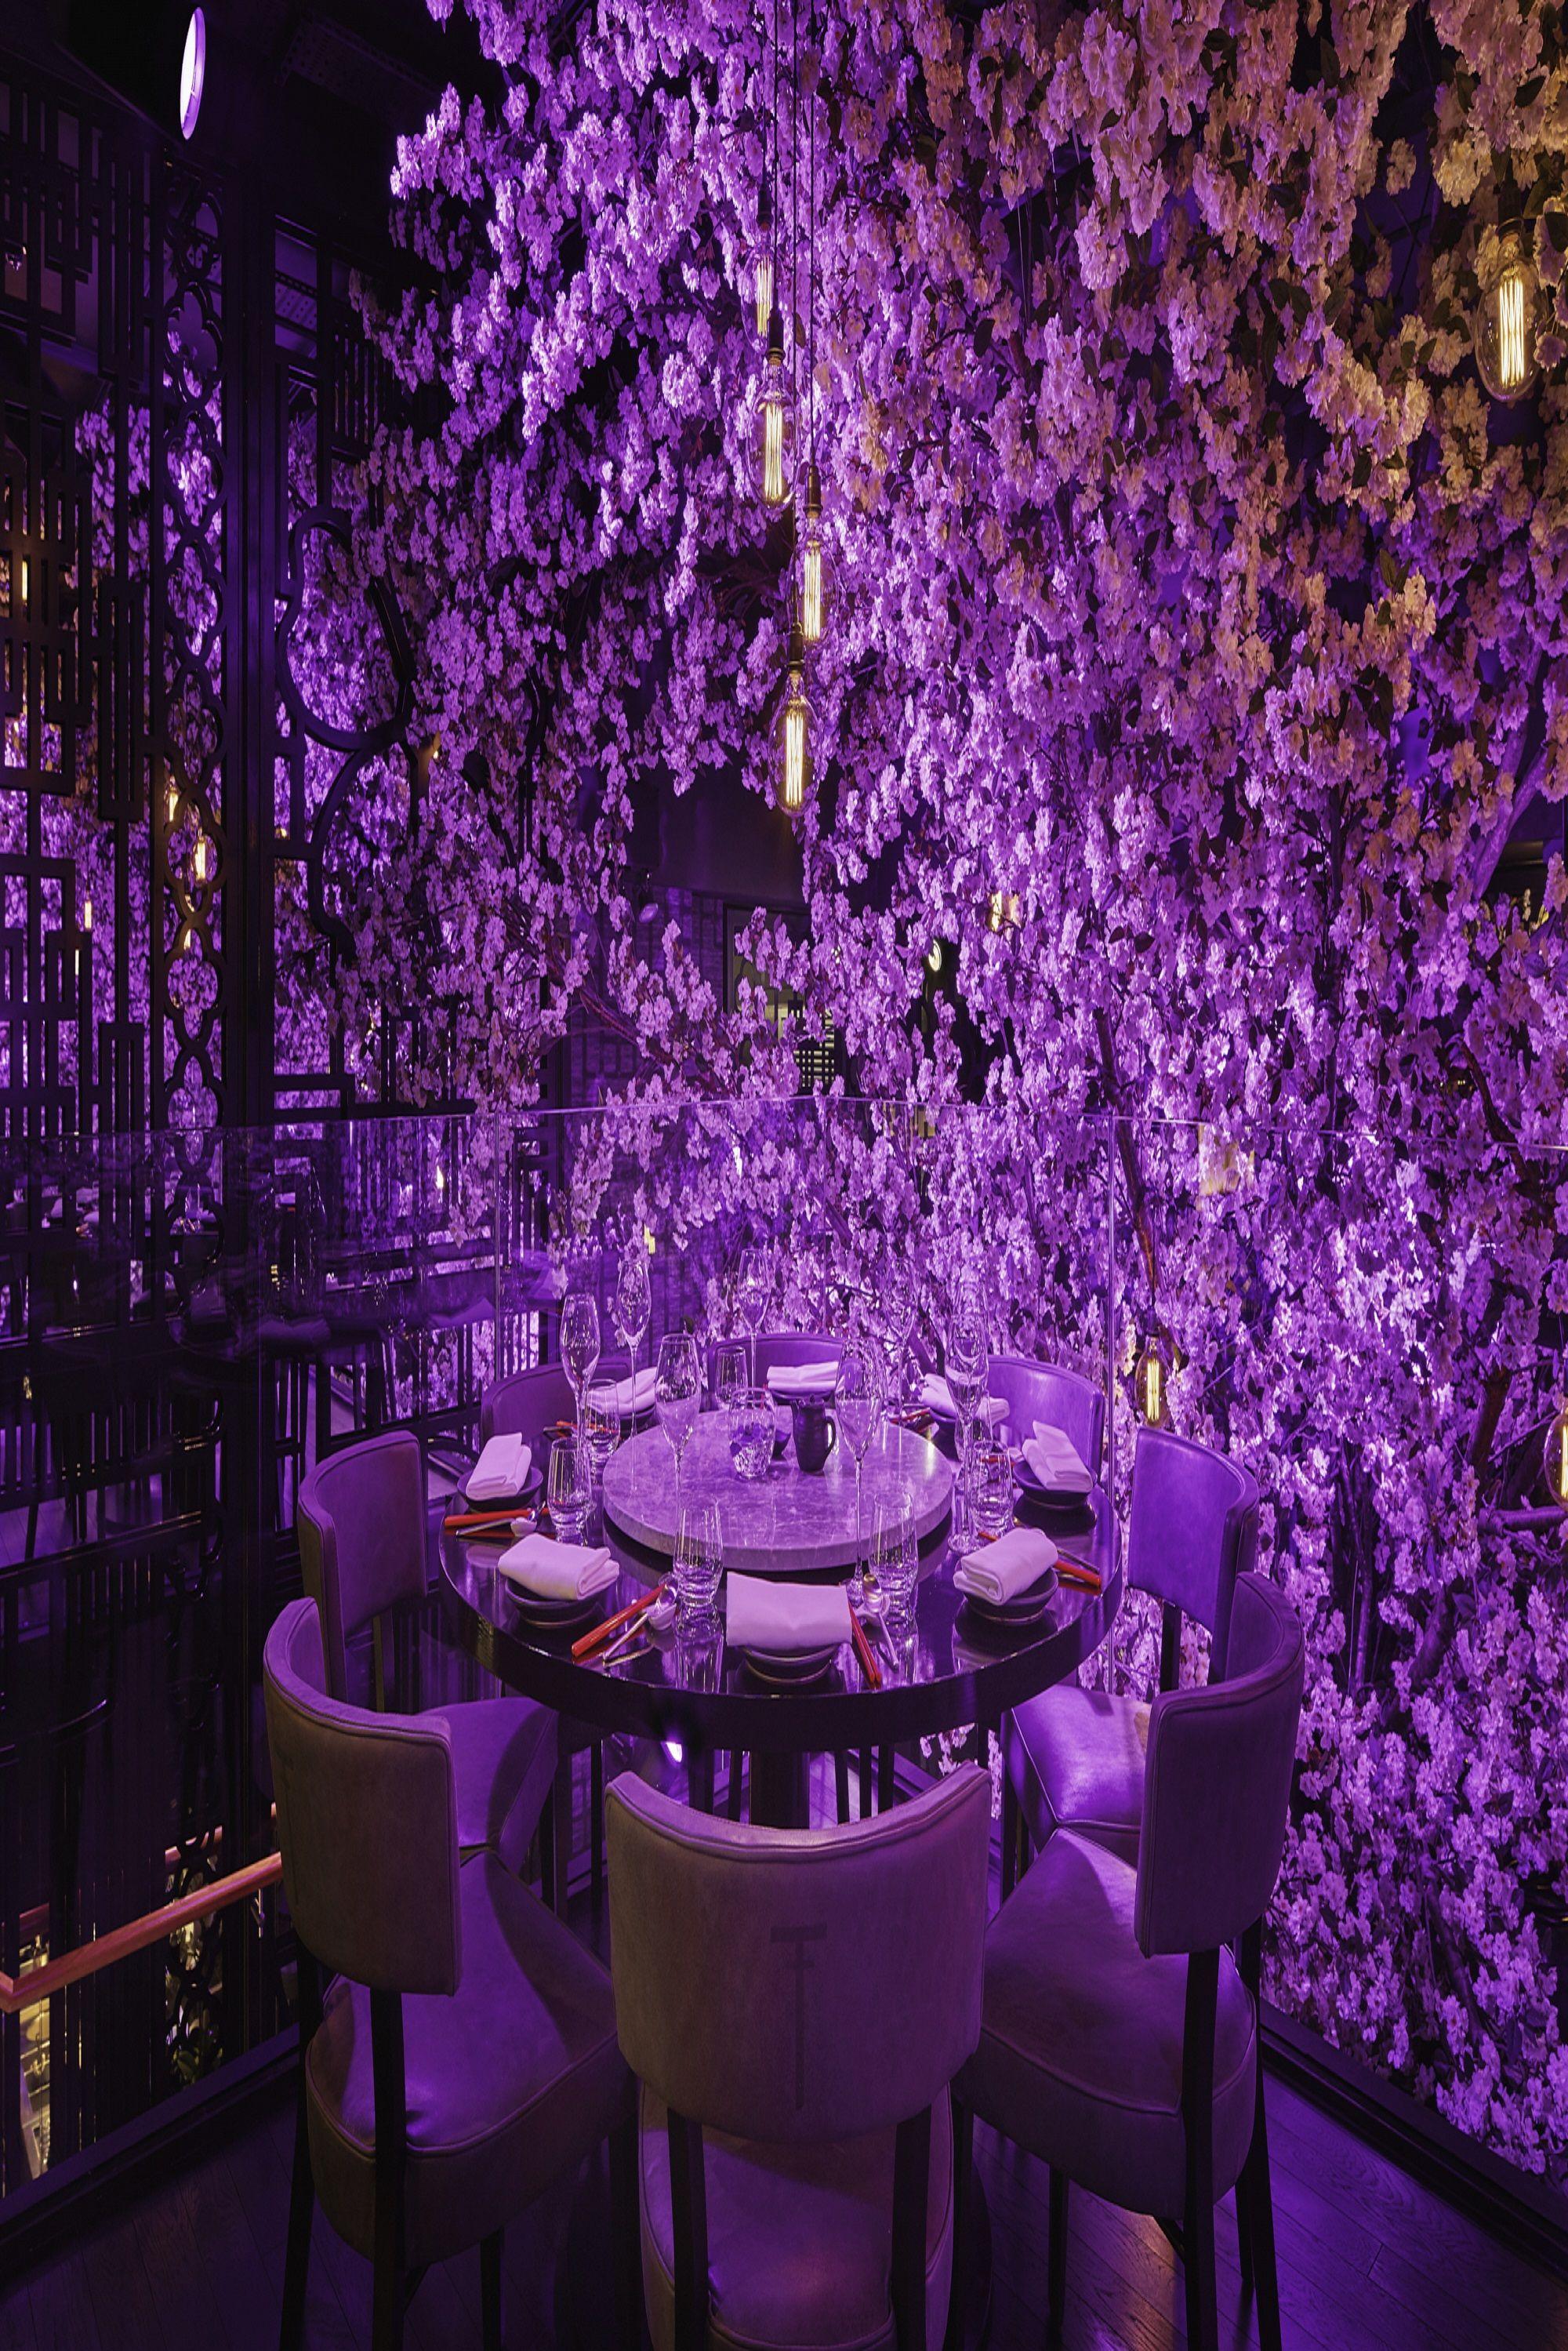 Tattu Restaurant And Bar In Manchester Stunning Decor With A Cherry Blossom Tree In The Mi Restaurant Interior Design Luxury Restaurant Modern Interior Design